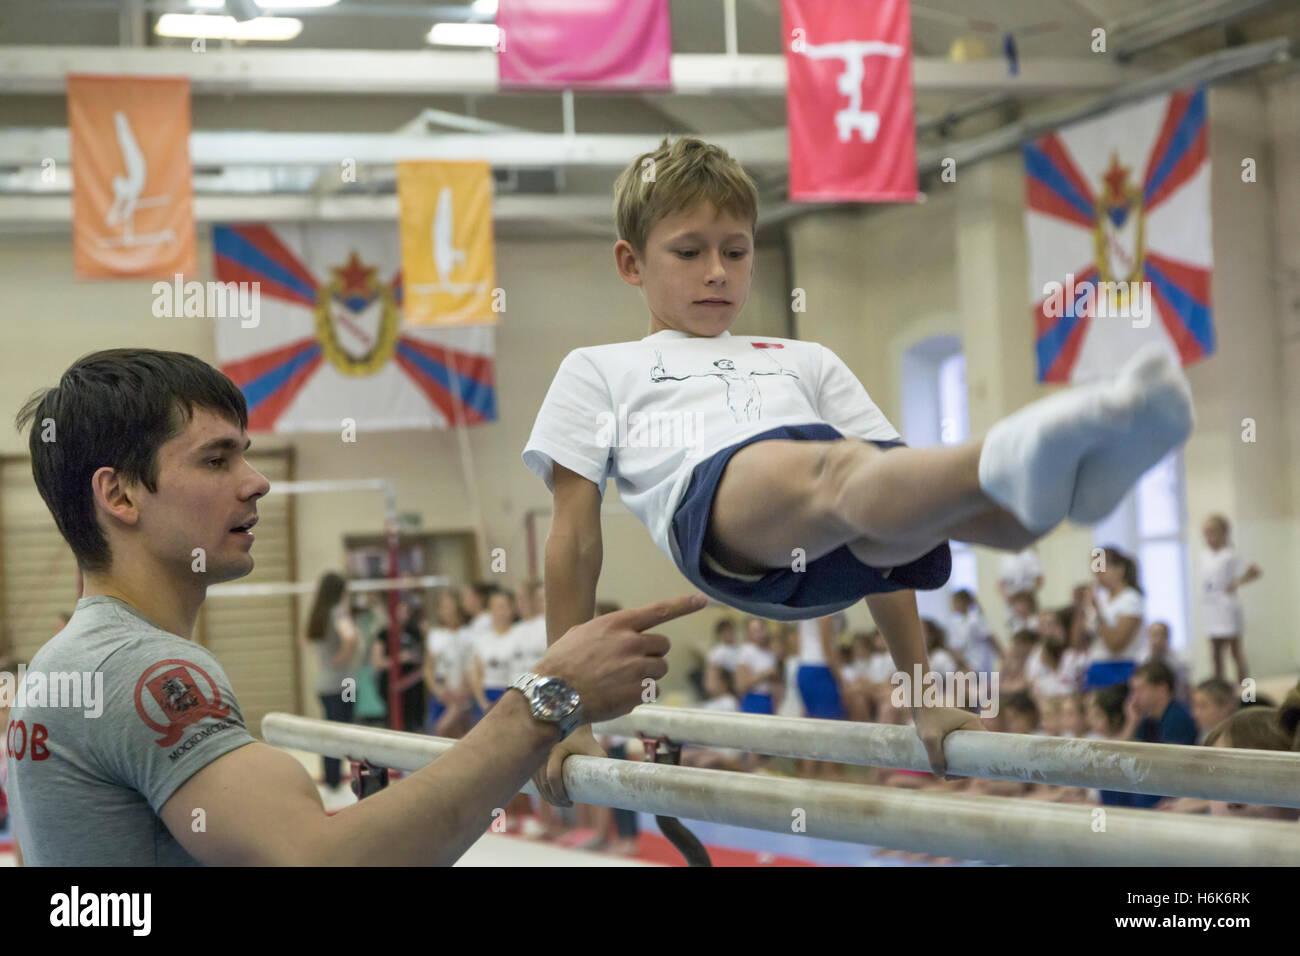 Gymnaste Russe Nikolai Kuksenkov (à gauche) participe à une classe de maître à la gymnastique Photo Stock